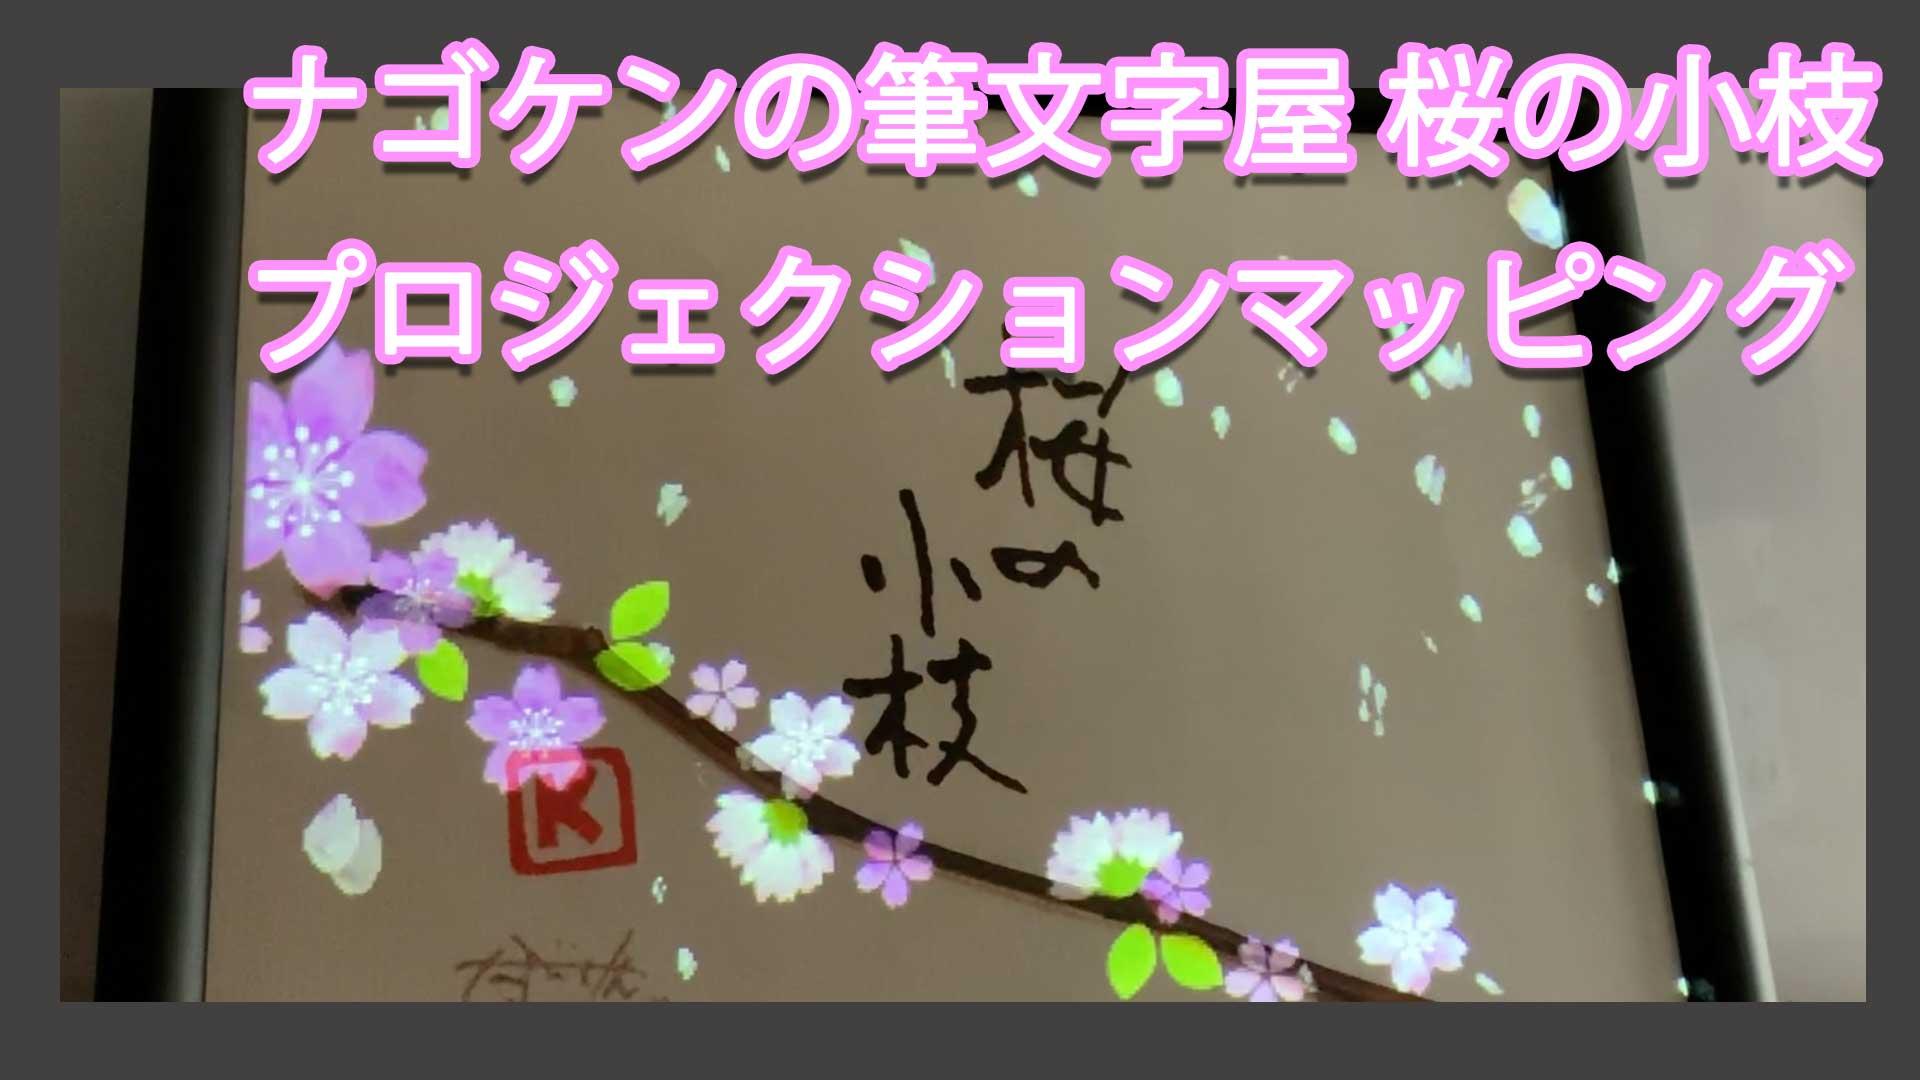 プロジェクションマッピング 桜